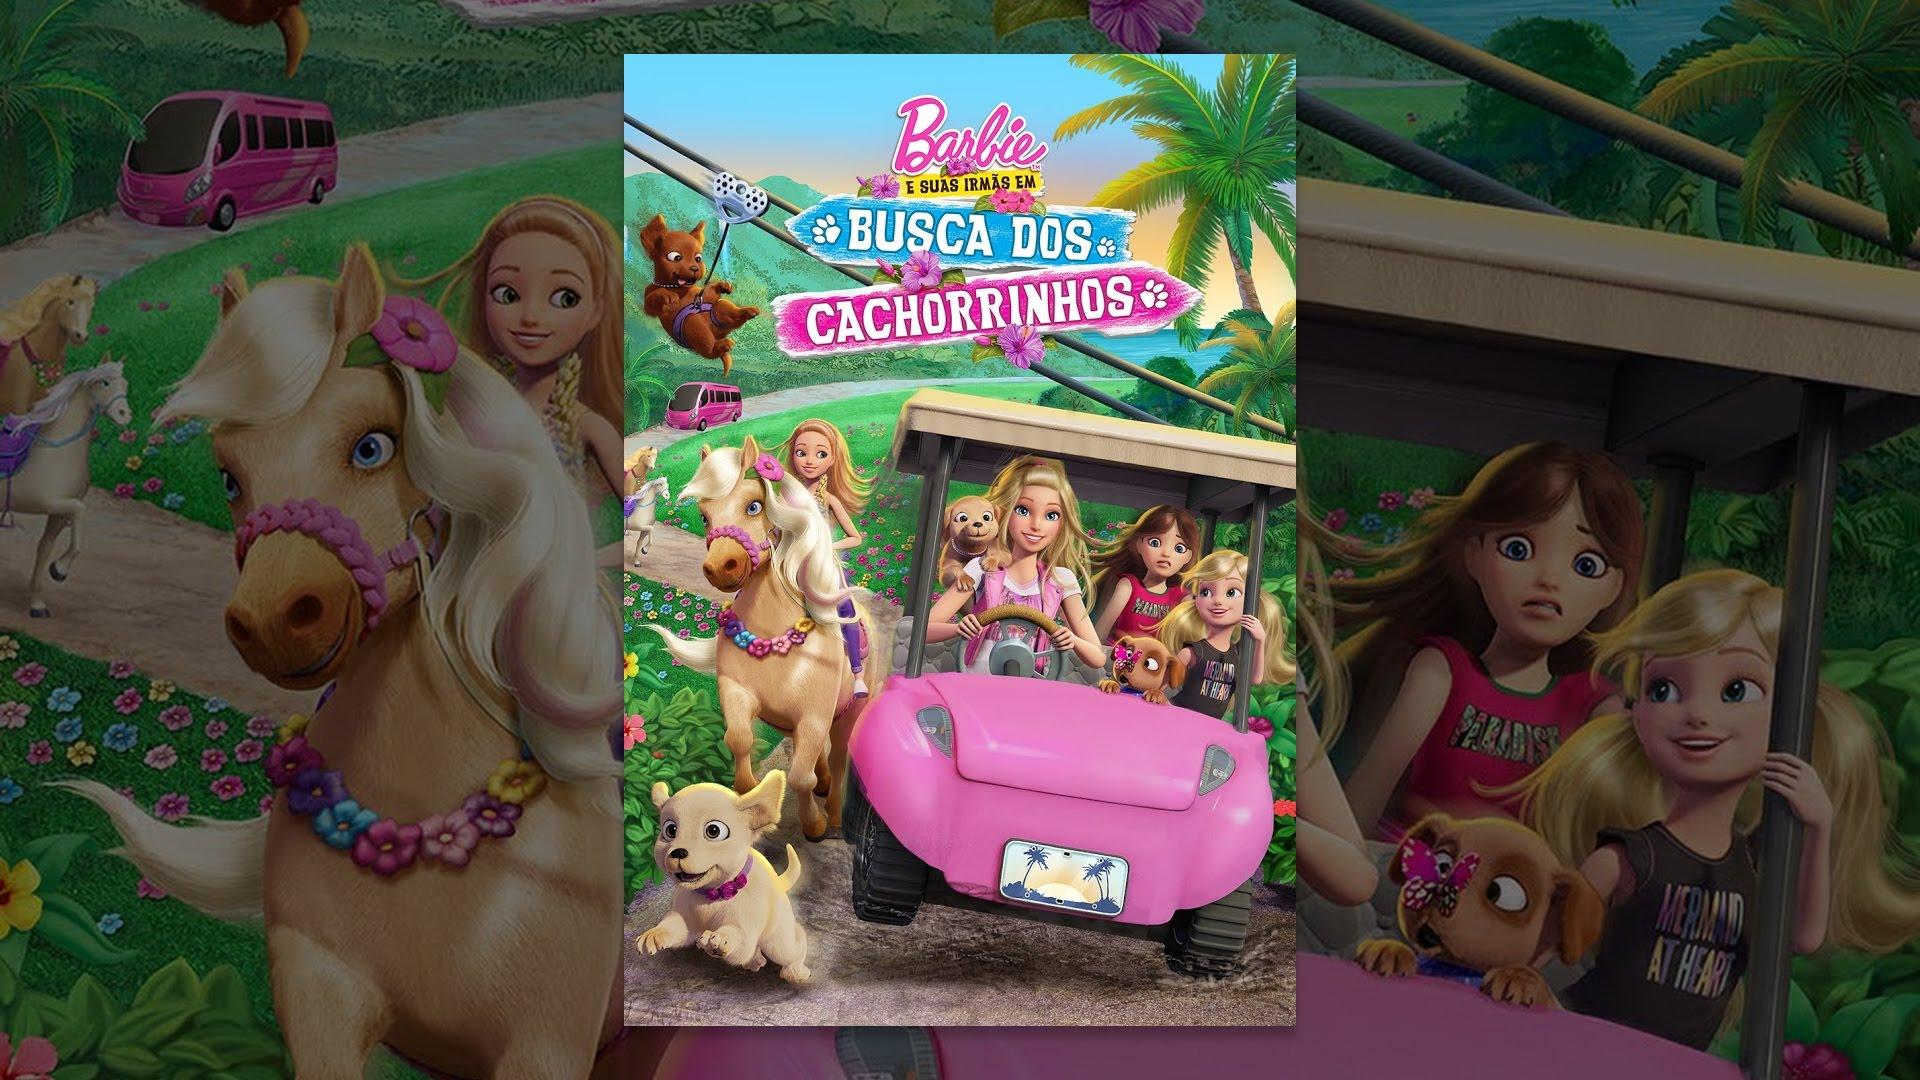 Barbie e suas irmãs em Busca dos cachorrinhos (Dublado)